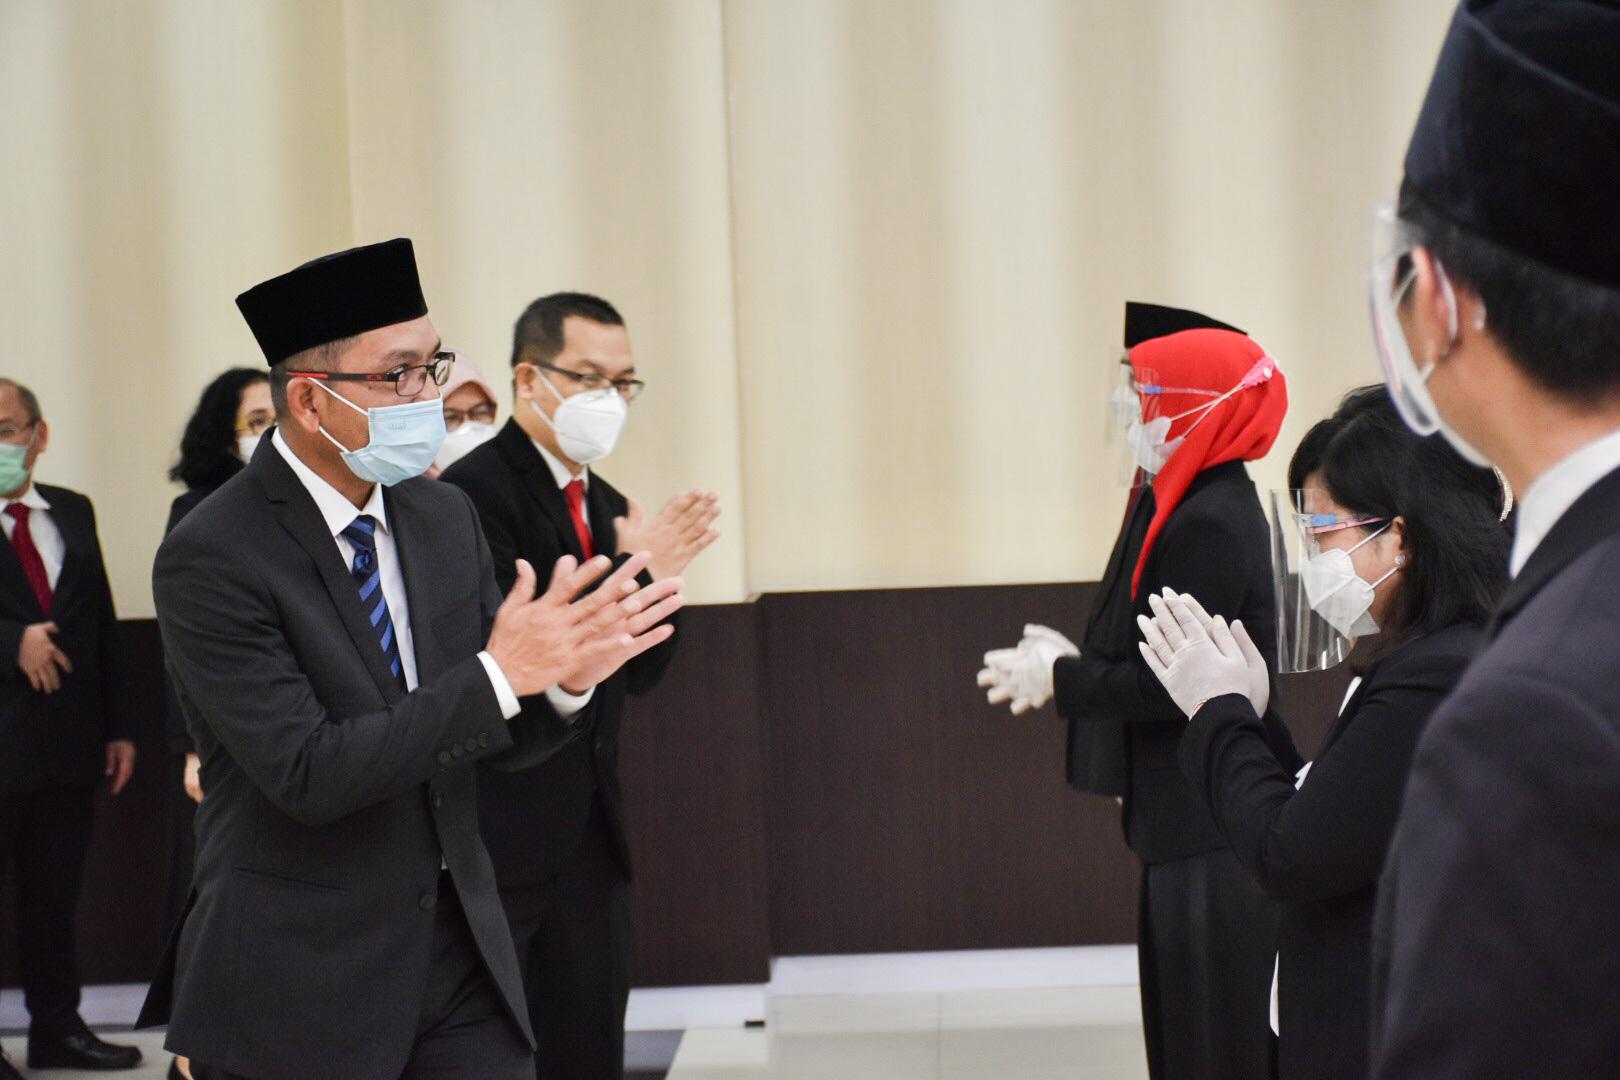 Dirjen EBTKE beserta jajaran Direktur memberikan ucapan selamat kepada para pegawai yang sudah melaksanakan pelantikan di Gedung Slamet Bratanata, Jakarta (05/04/2021) (NS)